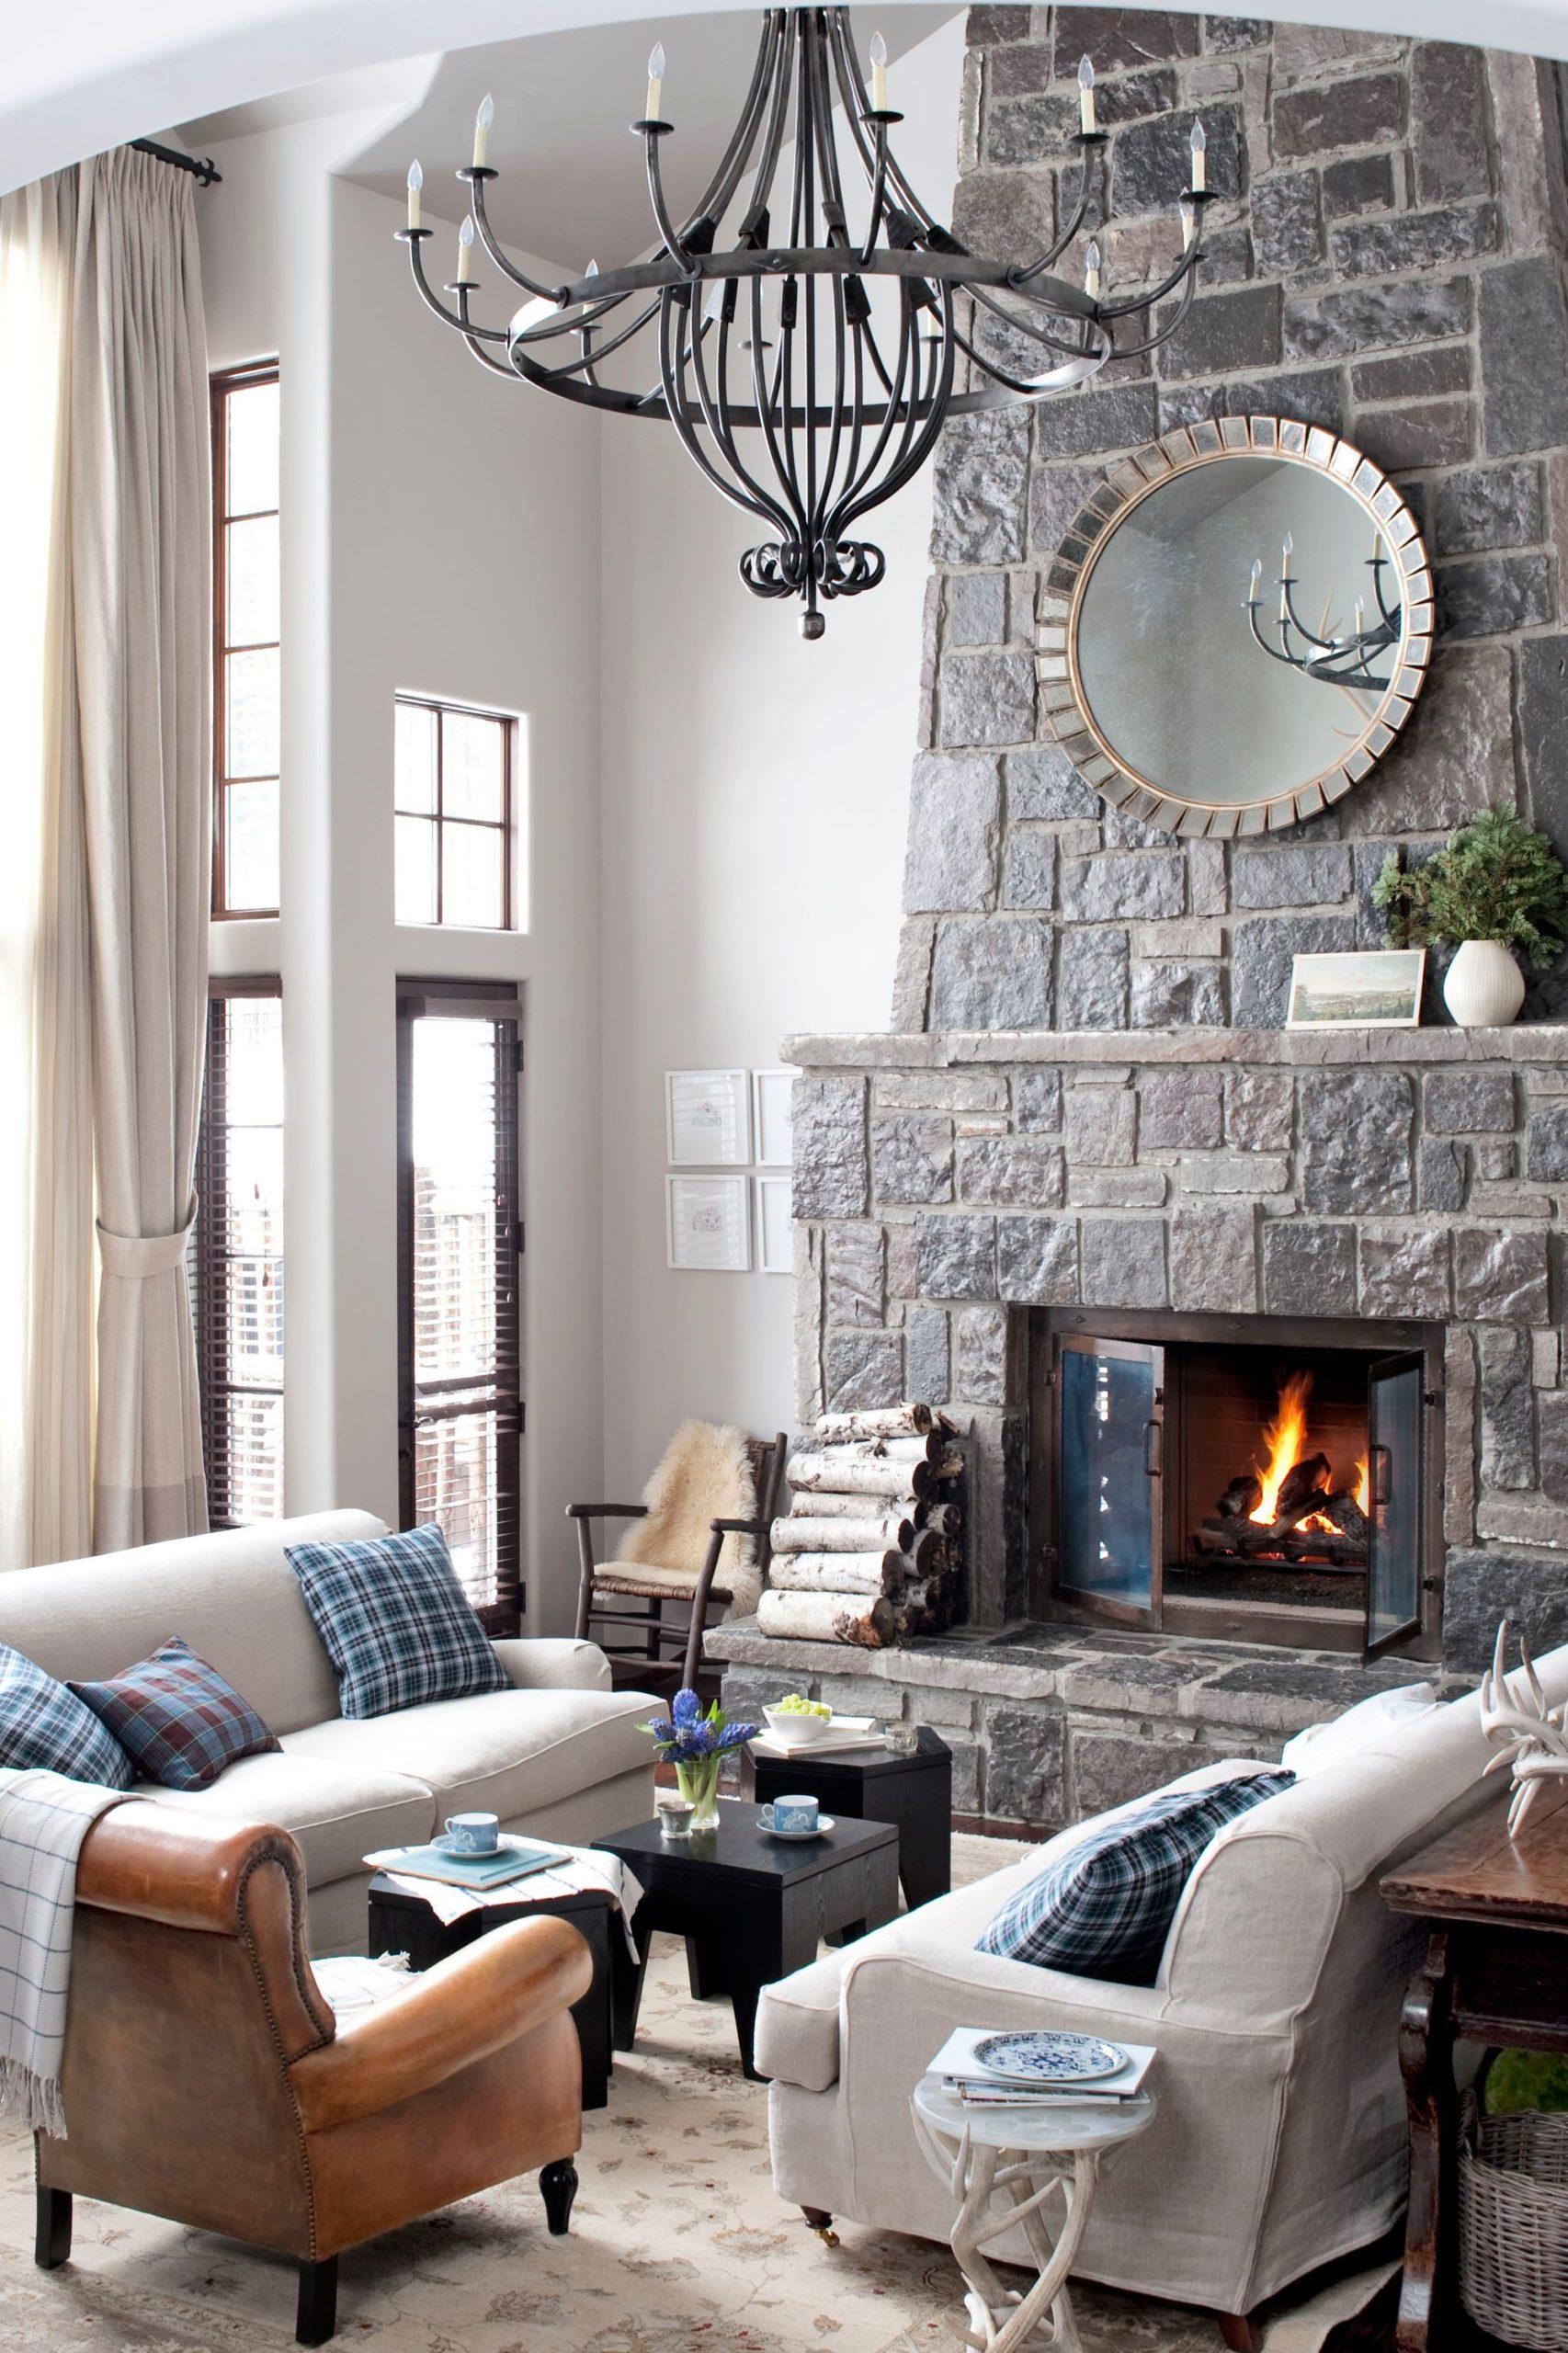 Les rideaux allant du sol au plafond sont un excellent moyen d'ajouter des couleurs chaudes à votre design.